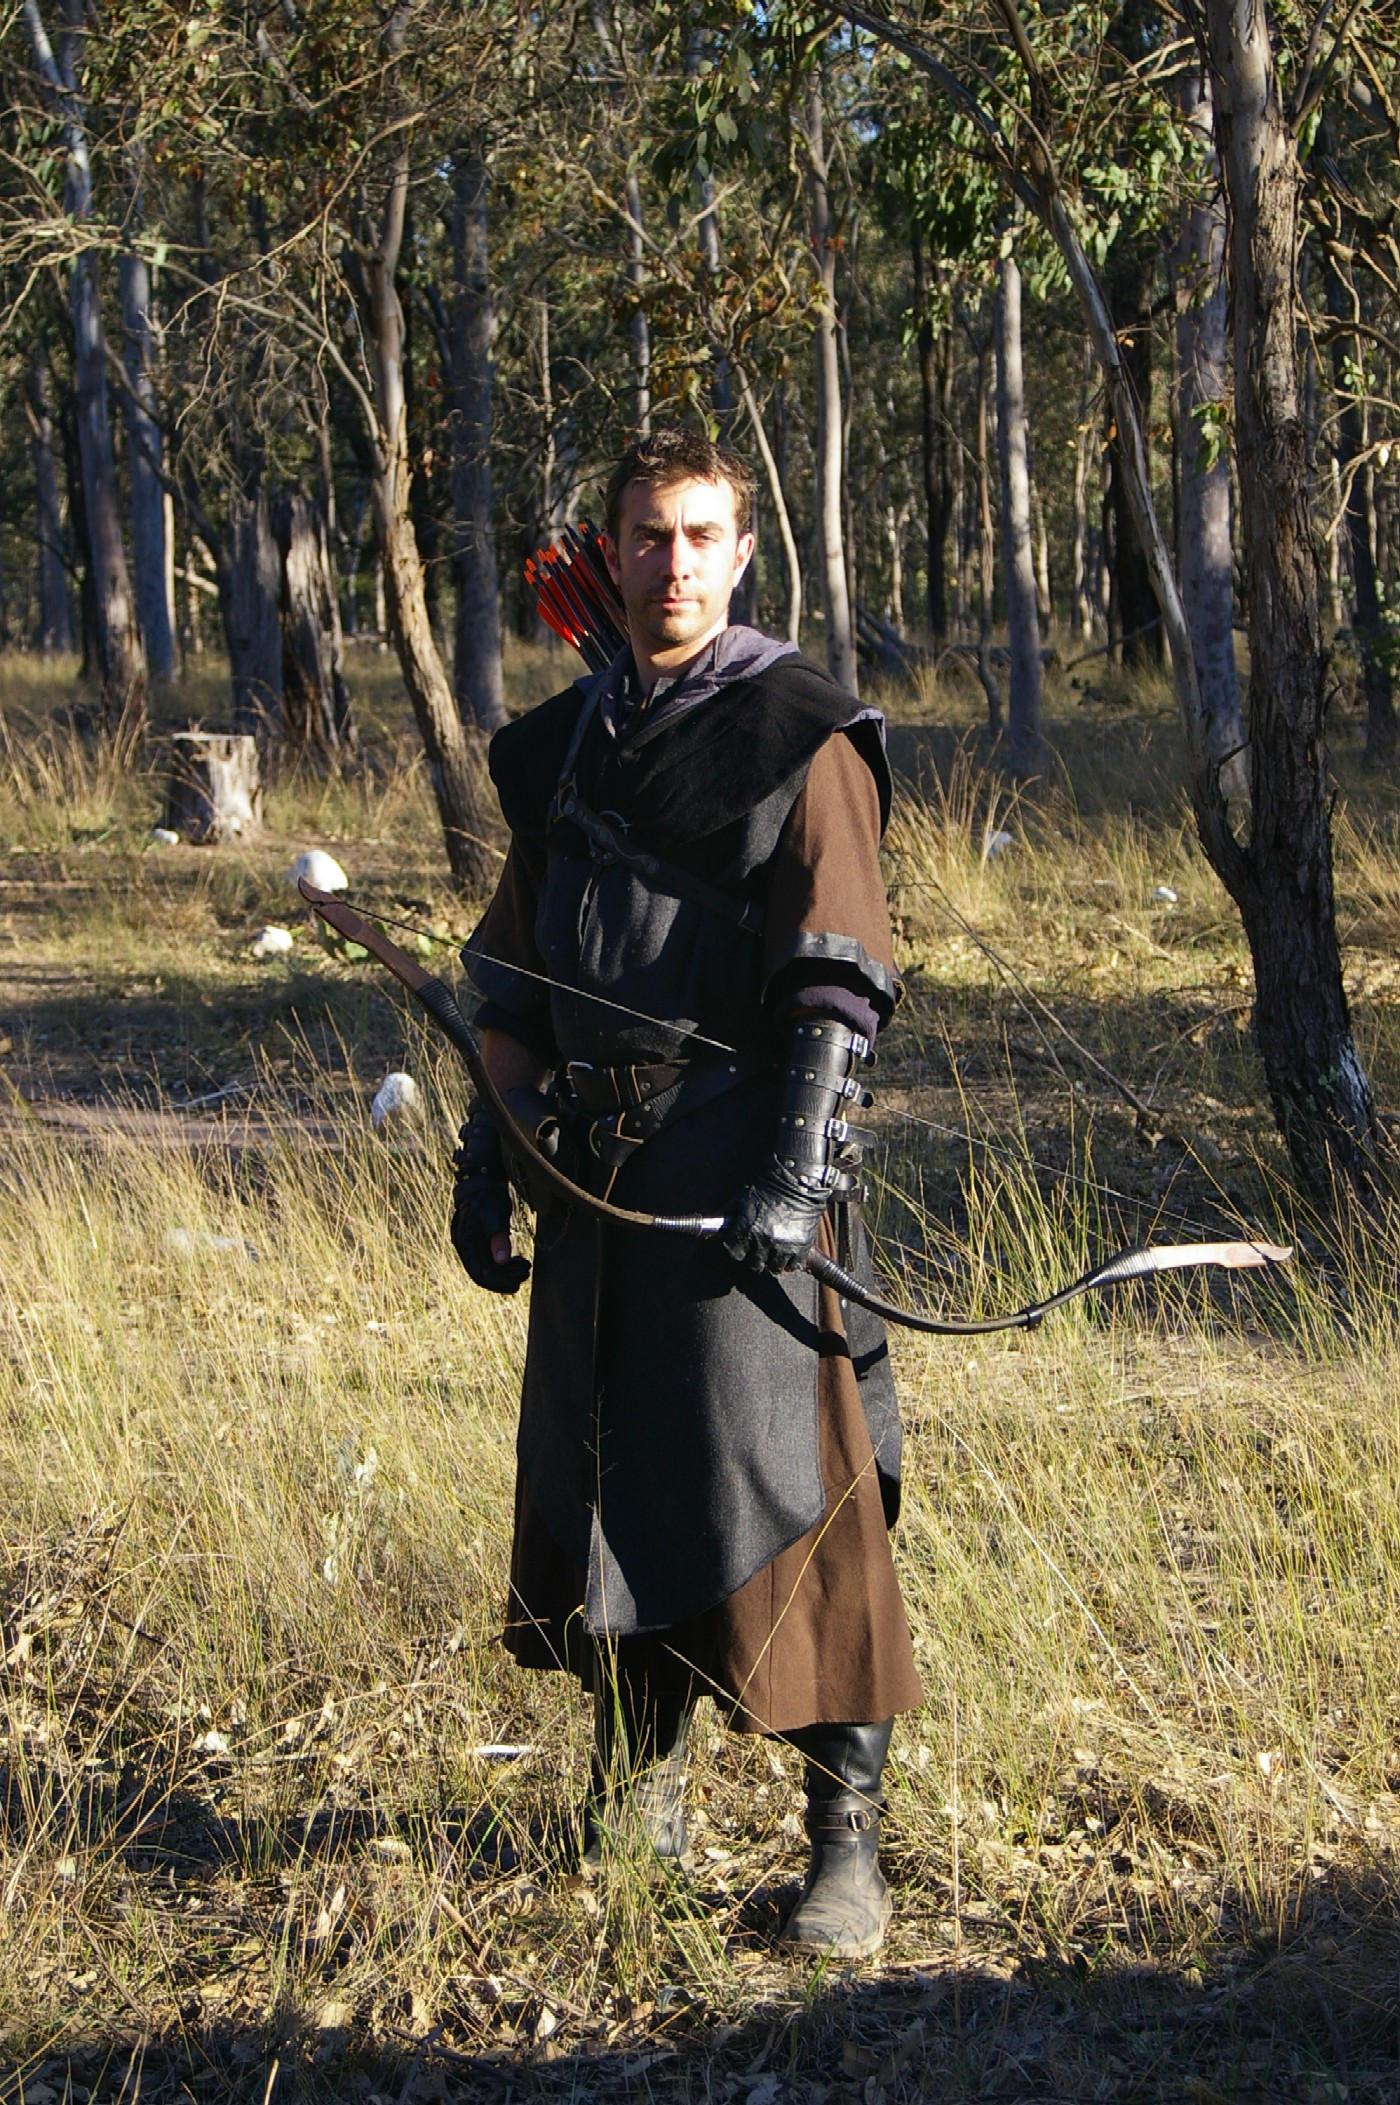 garb for sca wear by DorianNavarre on DeviantArt